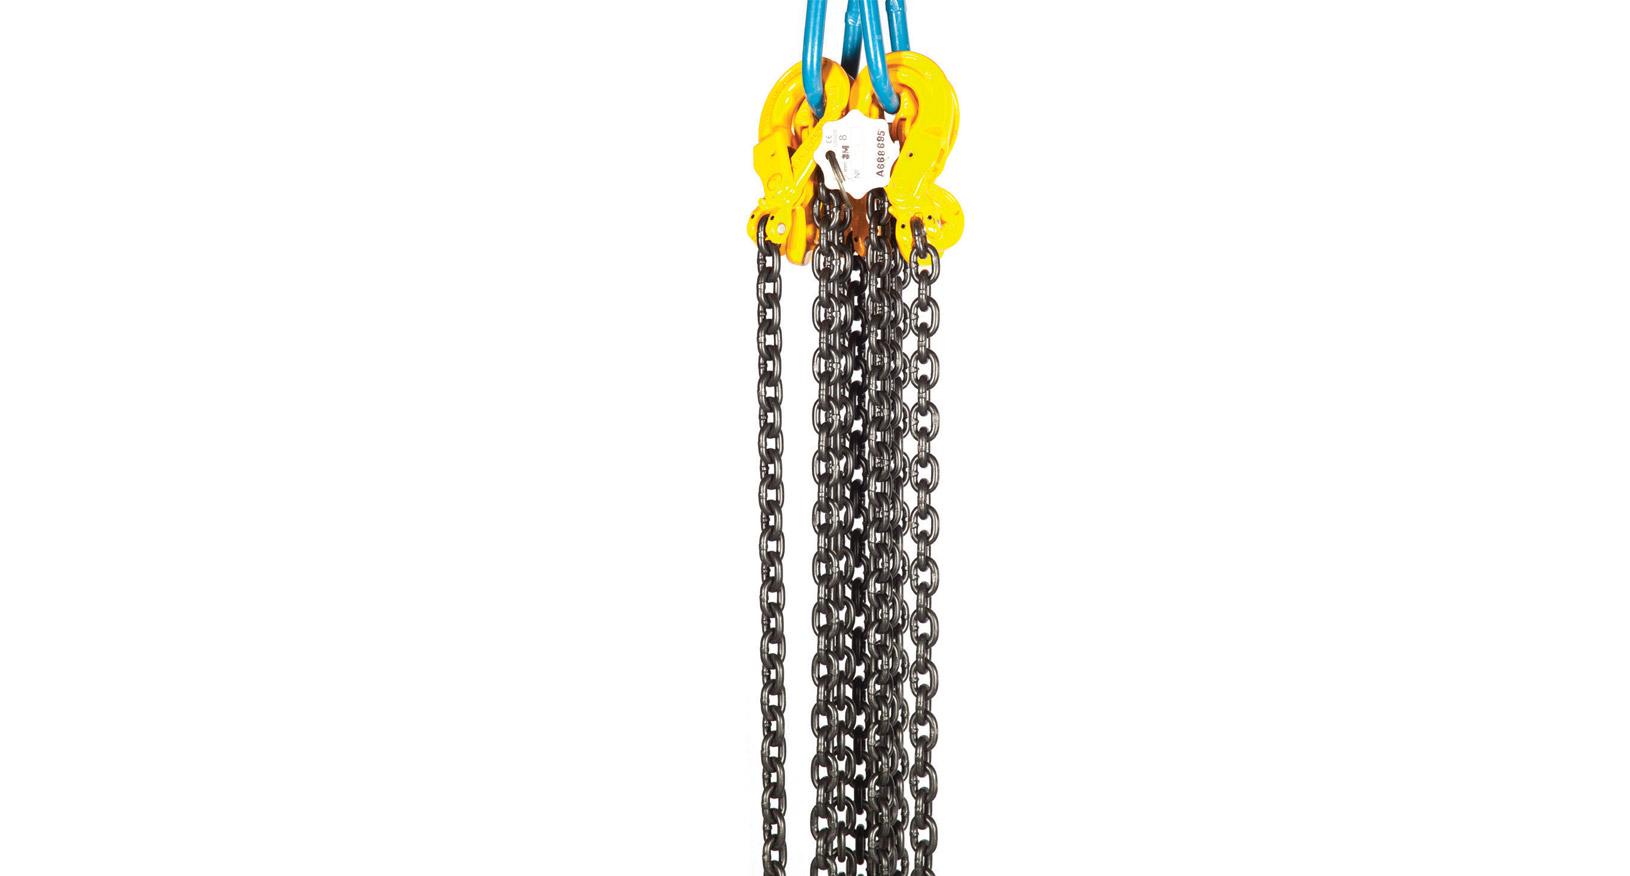 3.1T 7mm 4 Leg Chain 3-6M